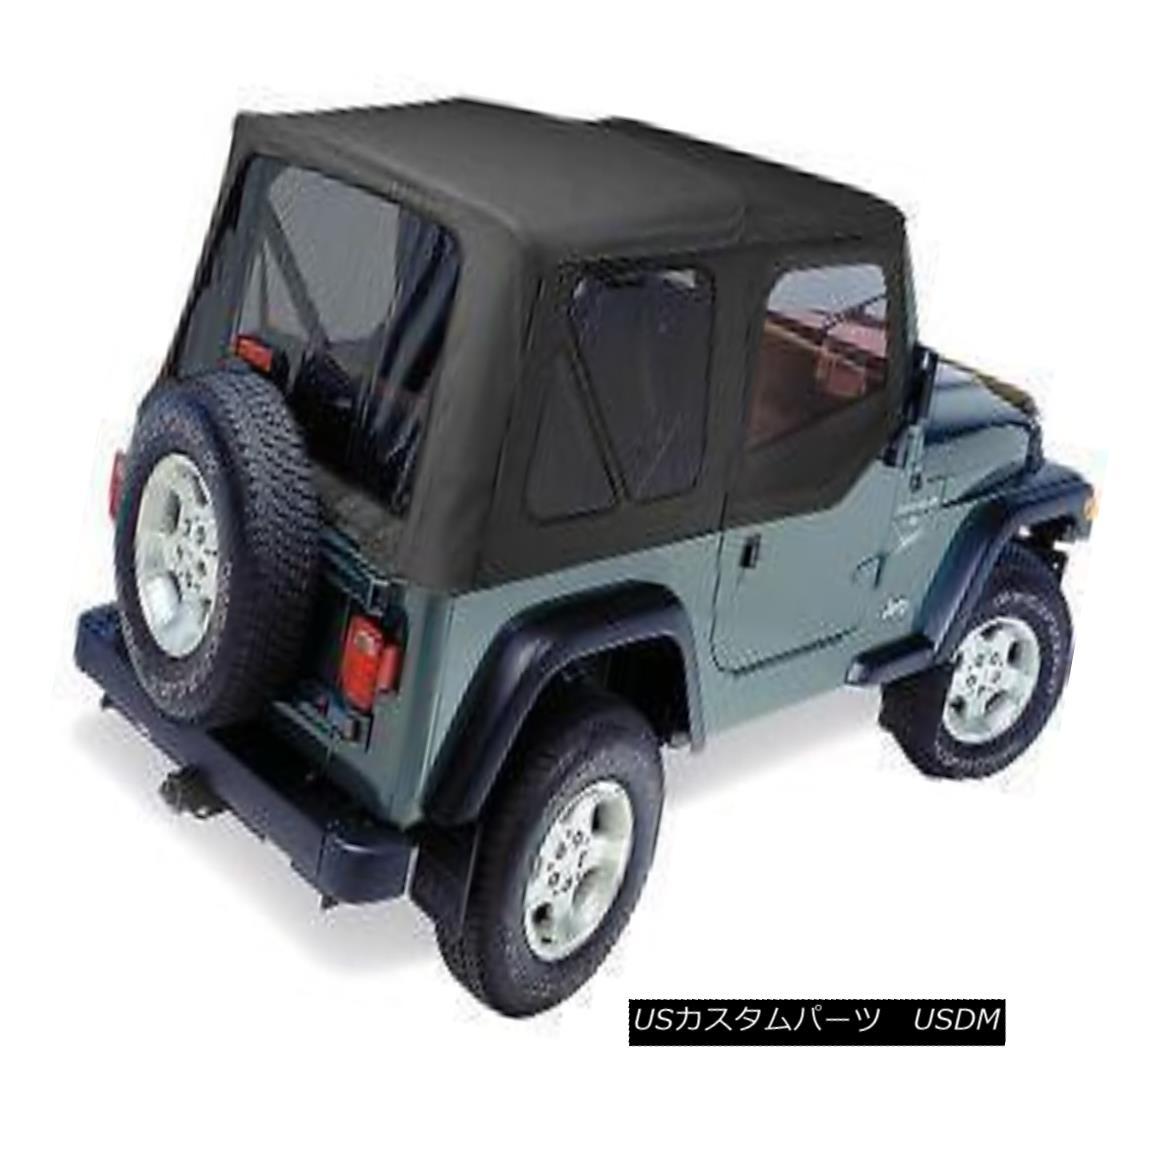 幌・ソフトトップ Pavement Ends Replay Top 97-06 Jeep Wrangler TJ Tinted w/ Skins Black Diamond 舗装終了リプレイTop 97-06ジープ・ラングラーTJティンテッド・ウィズ/スキン・ブラック・ダイヤモンド